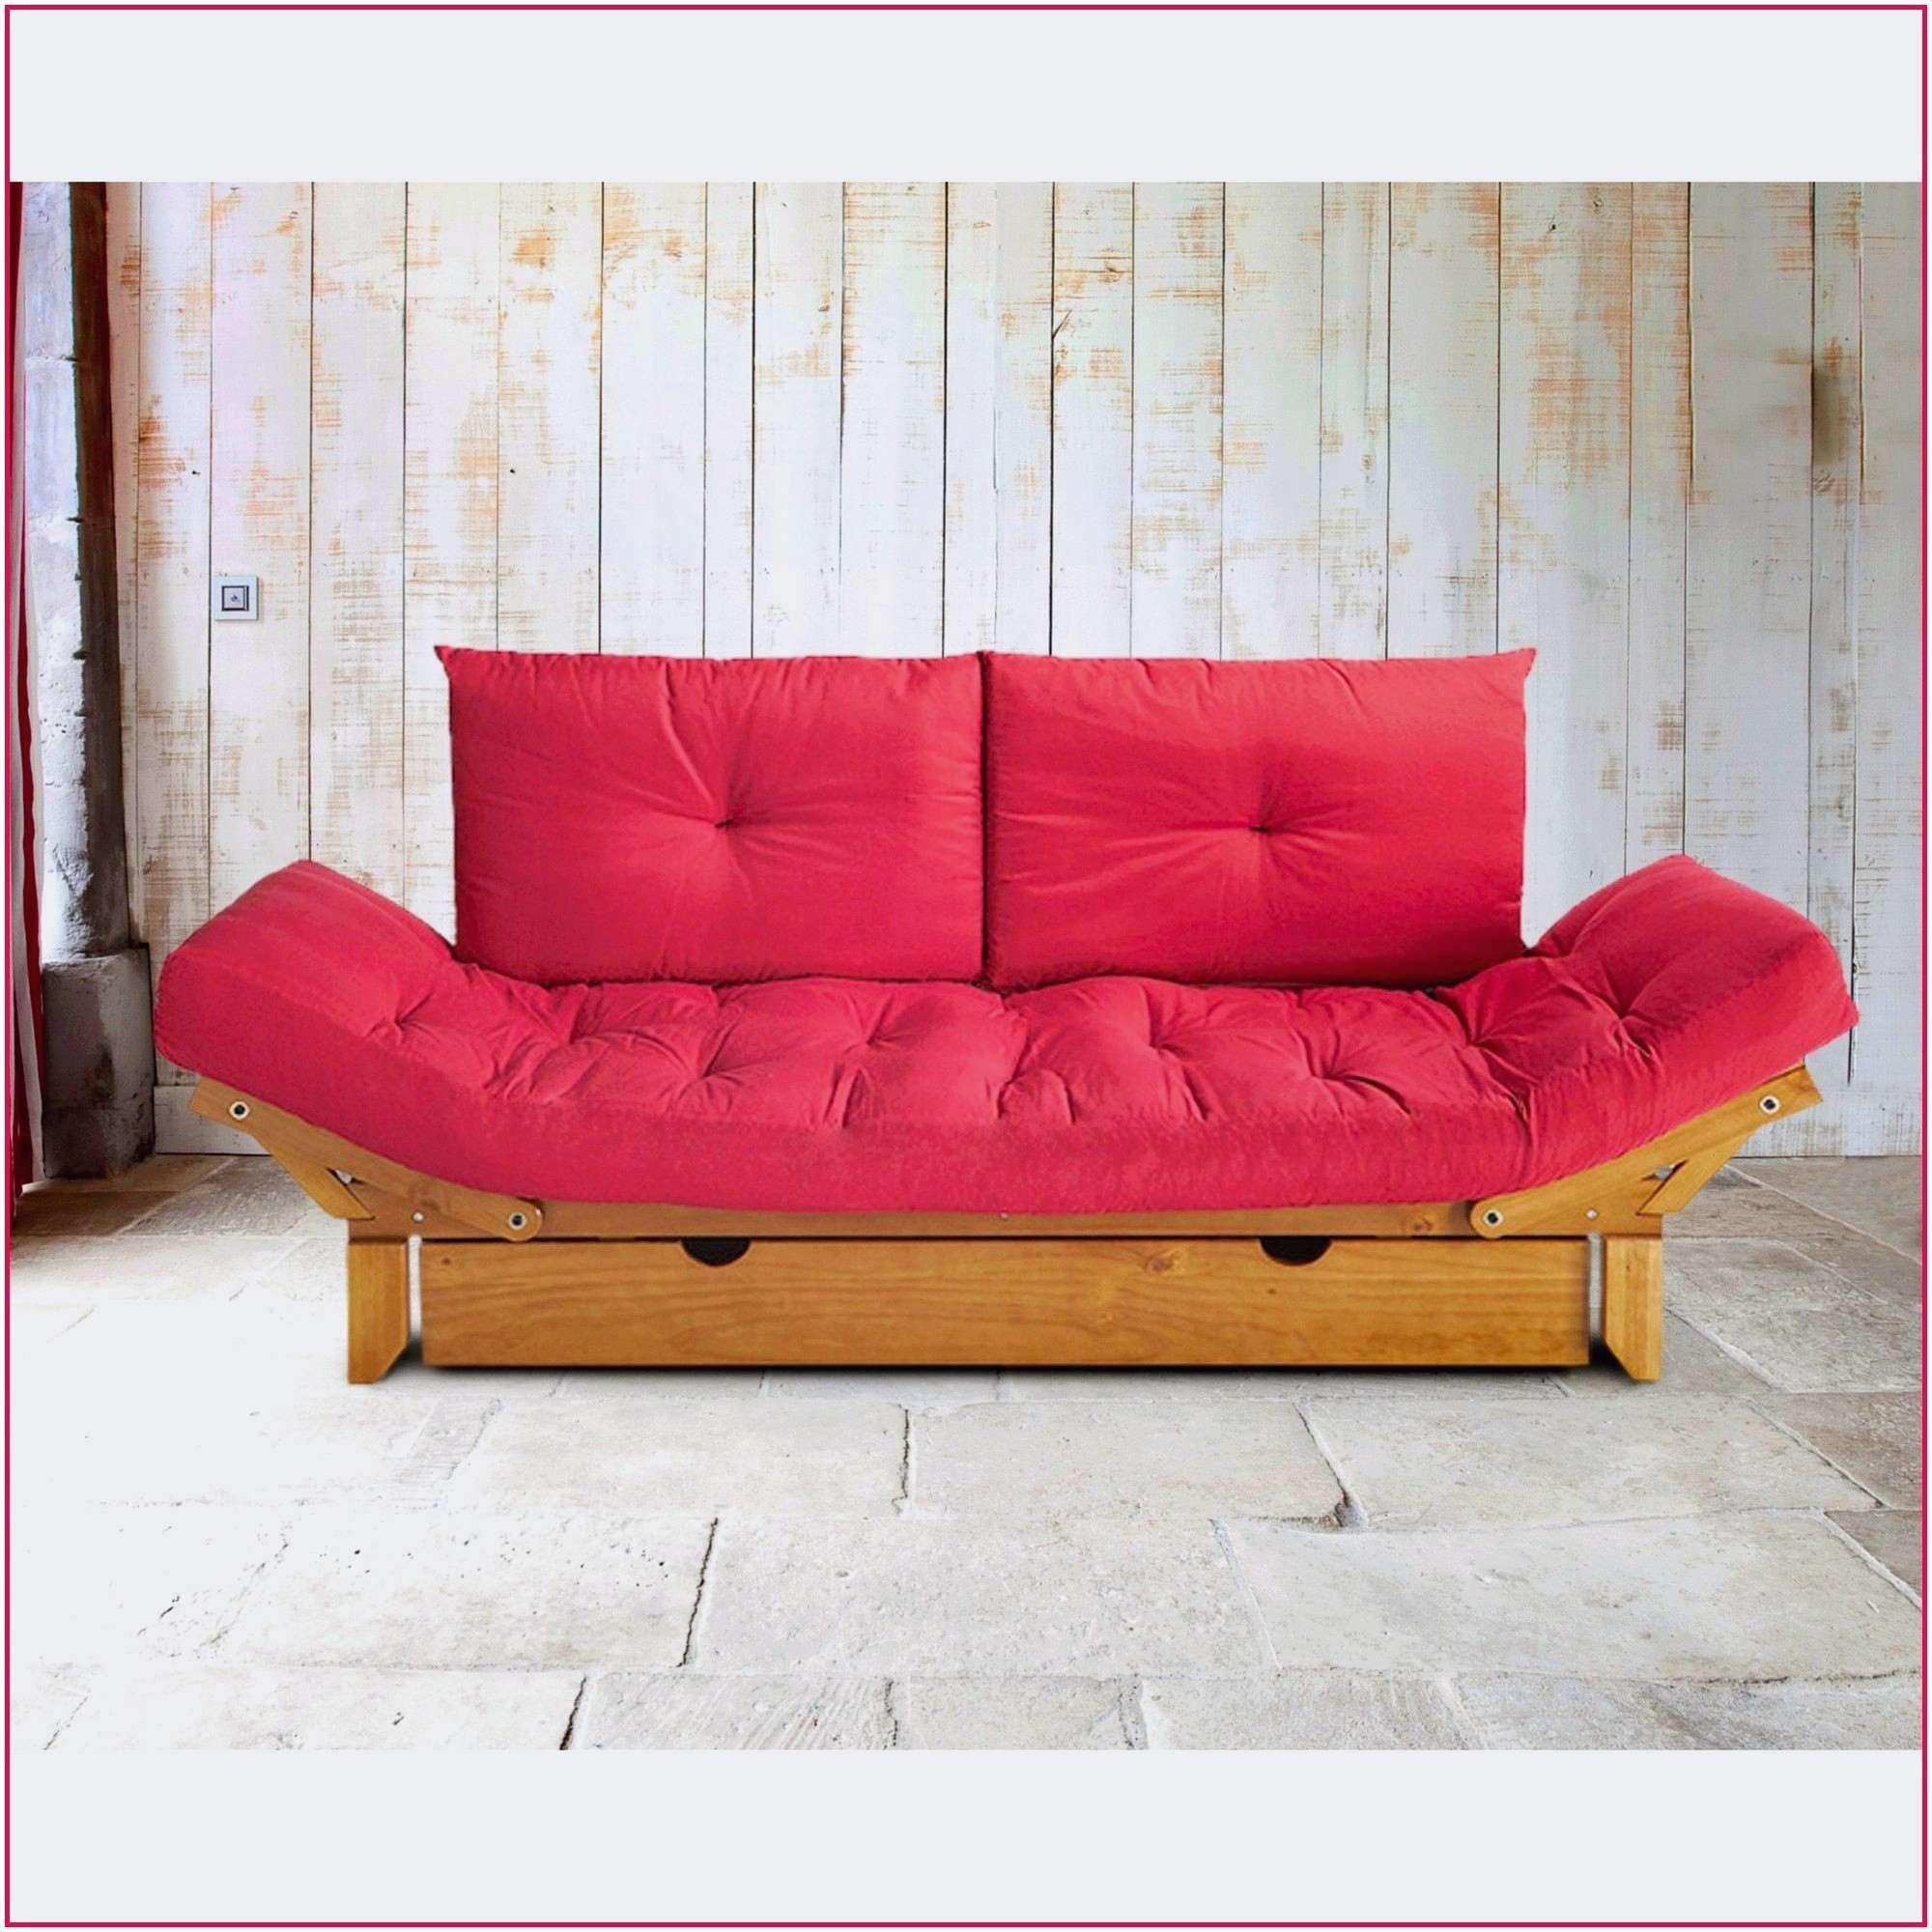 Canapé Lit Rouge Joli Unique Canapé Petit Canapé Unique Petit Canape Convertible Deux